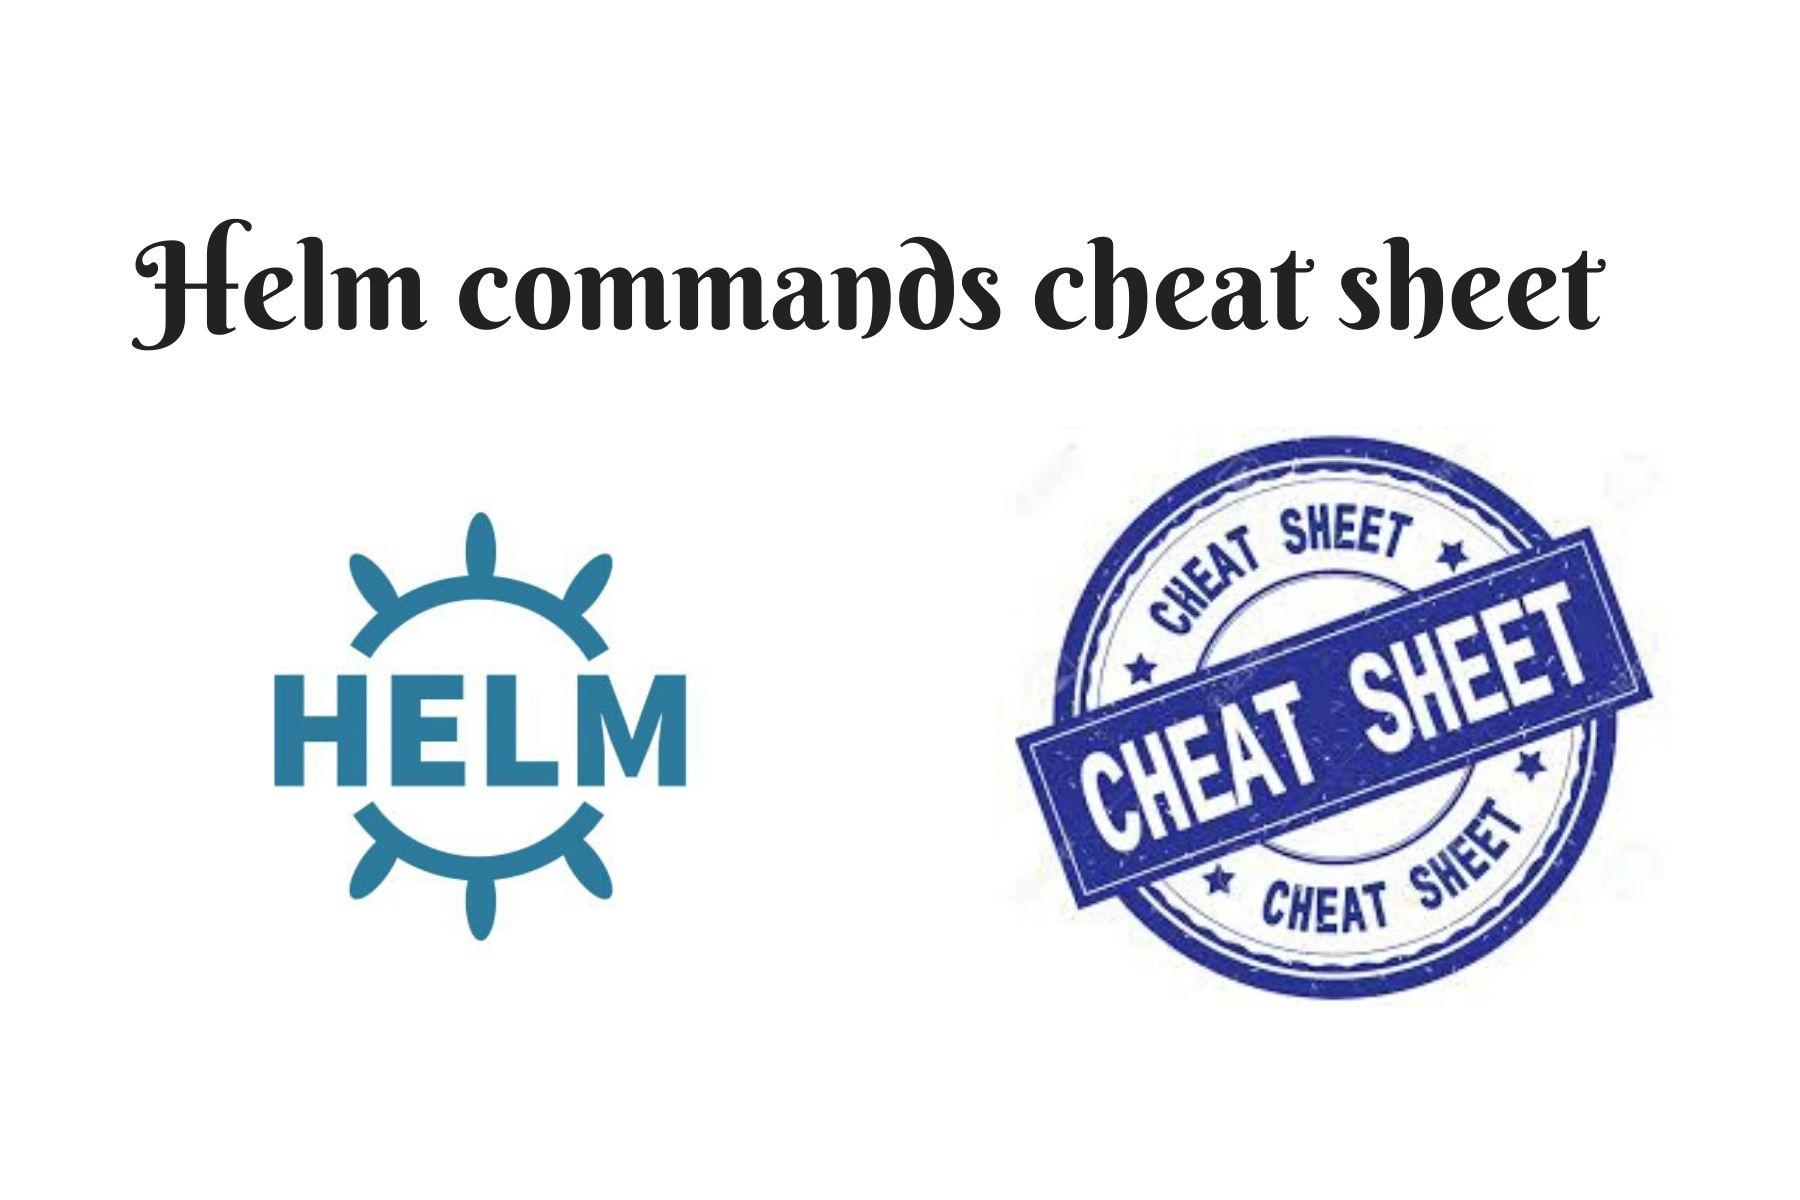 Helm commands cheat sheet